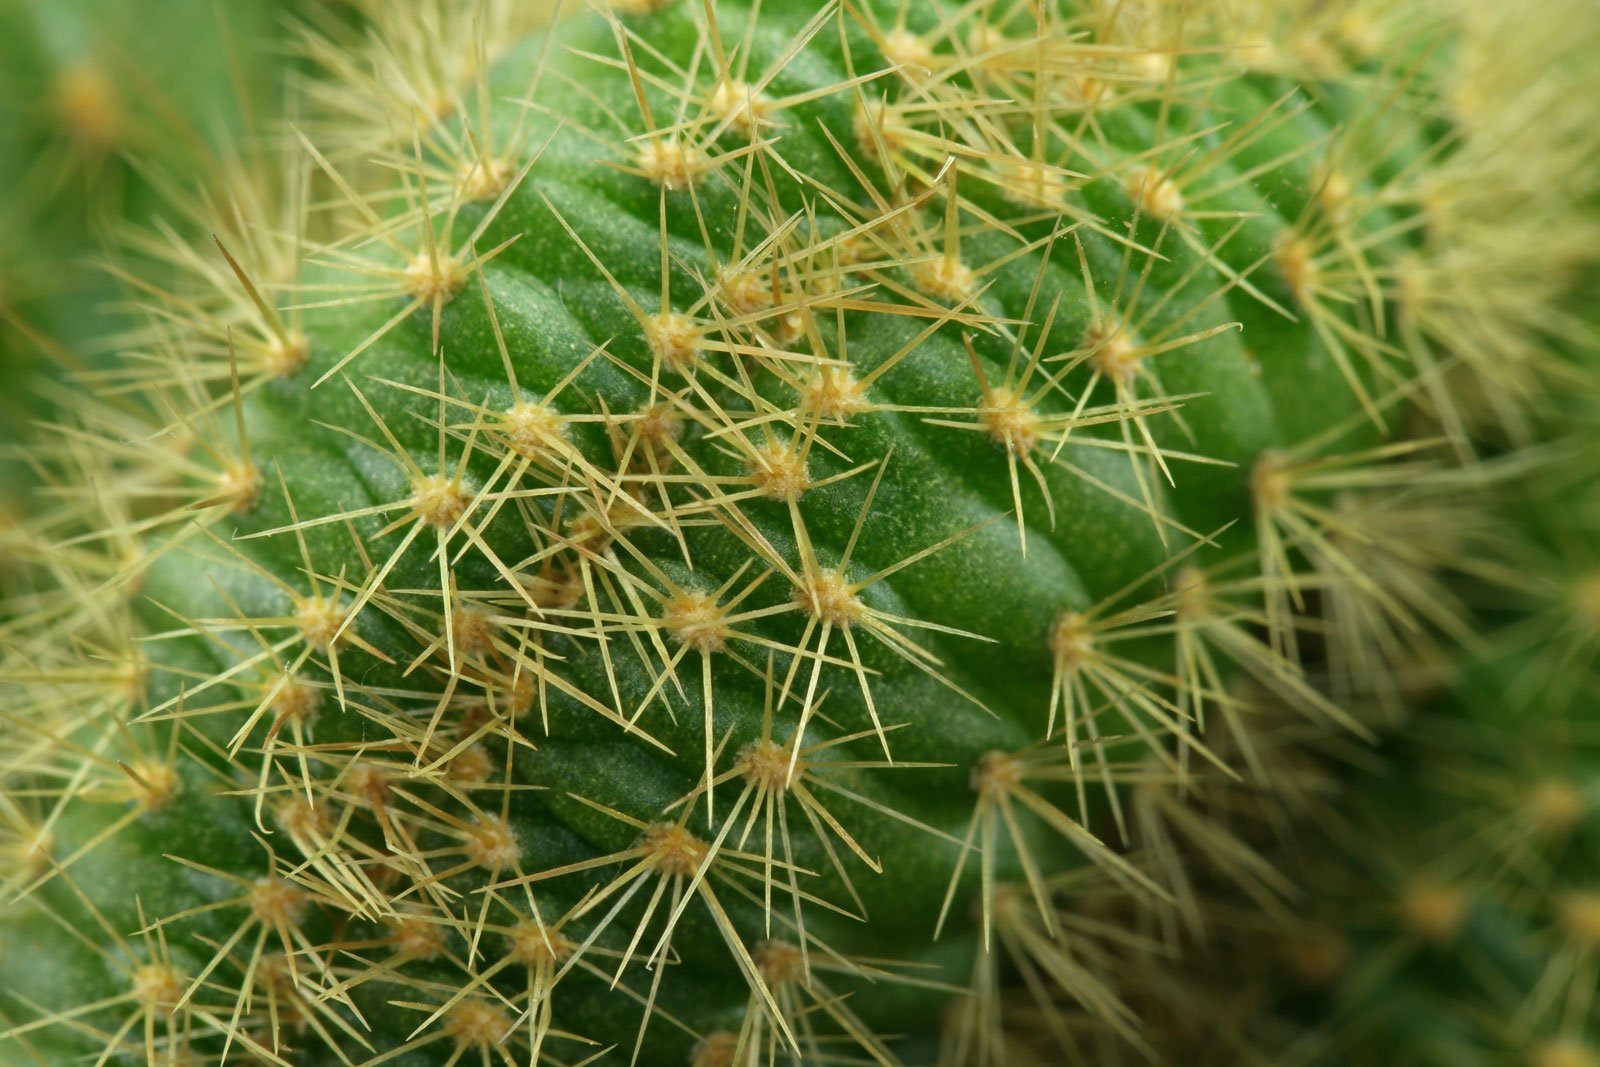 Cleistocactus winteri Cristata 3